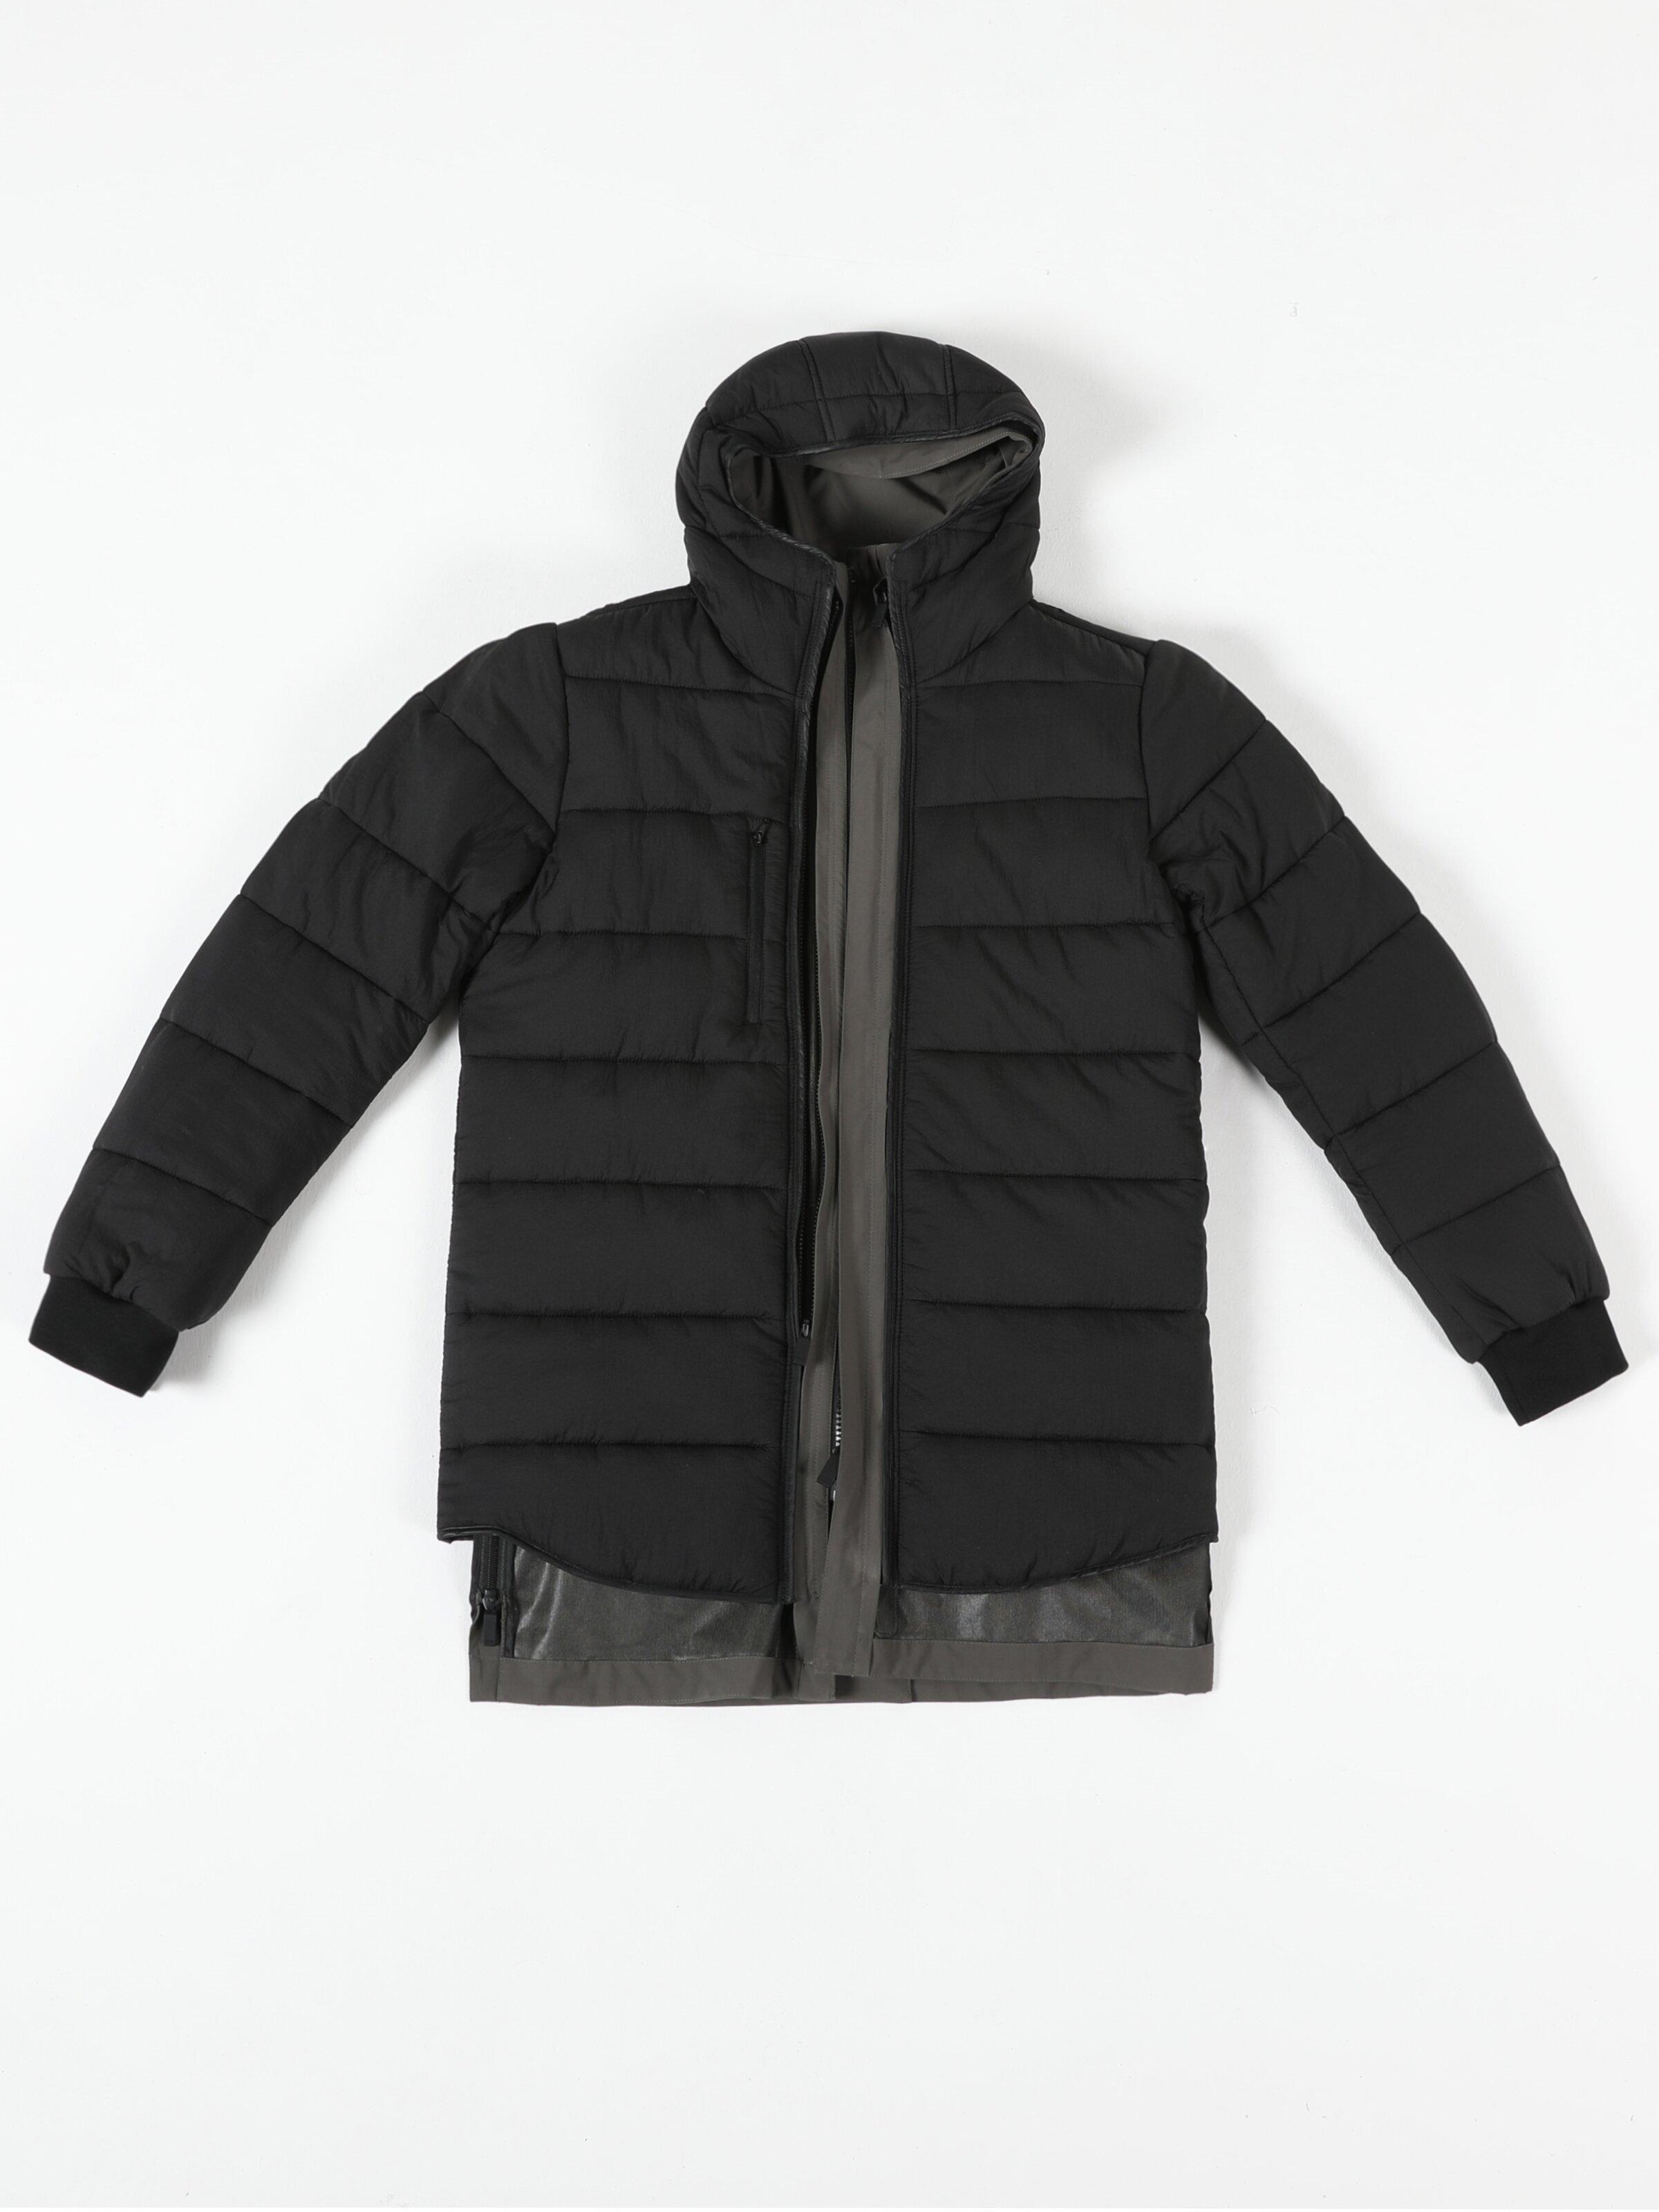 Показати інформацію про Пальто Чоловіче Хакі Класичного Крою Cl1050097